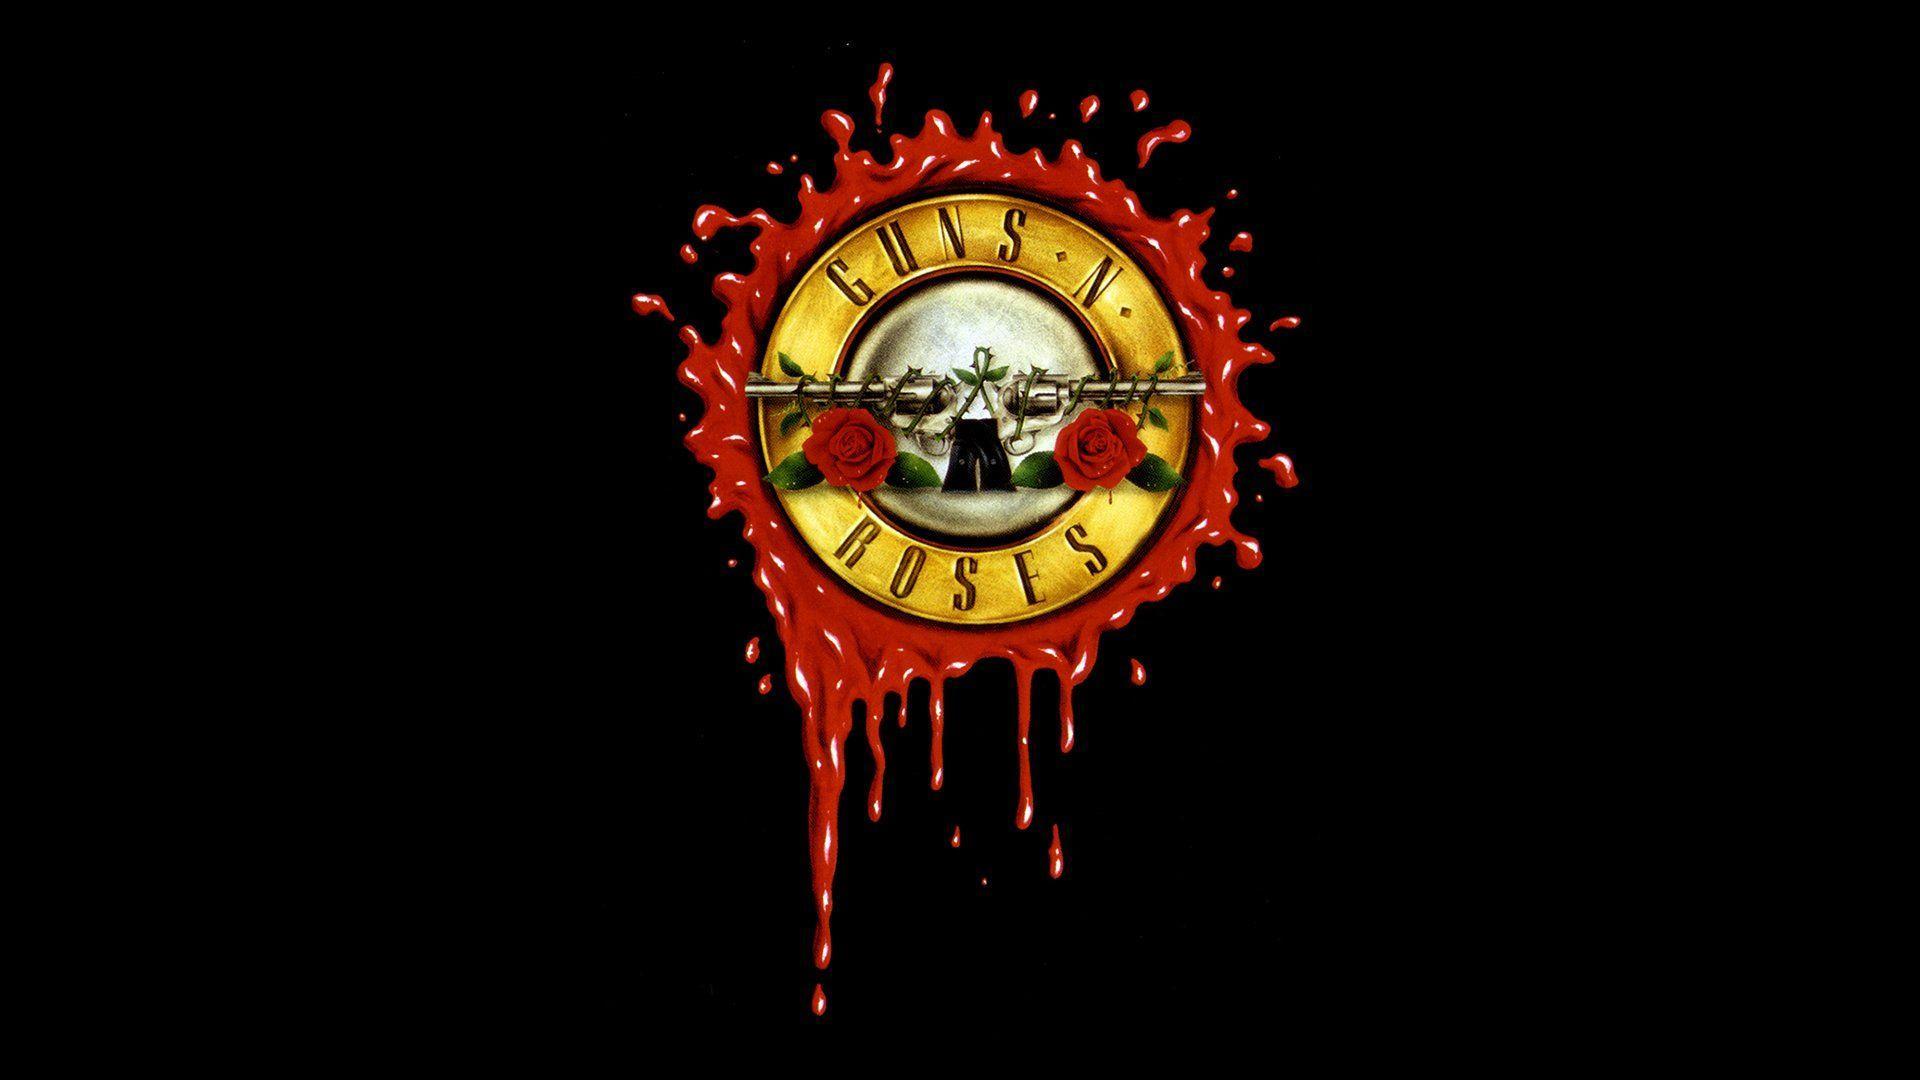 Guns N Roses Wallpapers HD - Wallpaper Cave